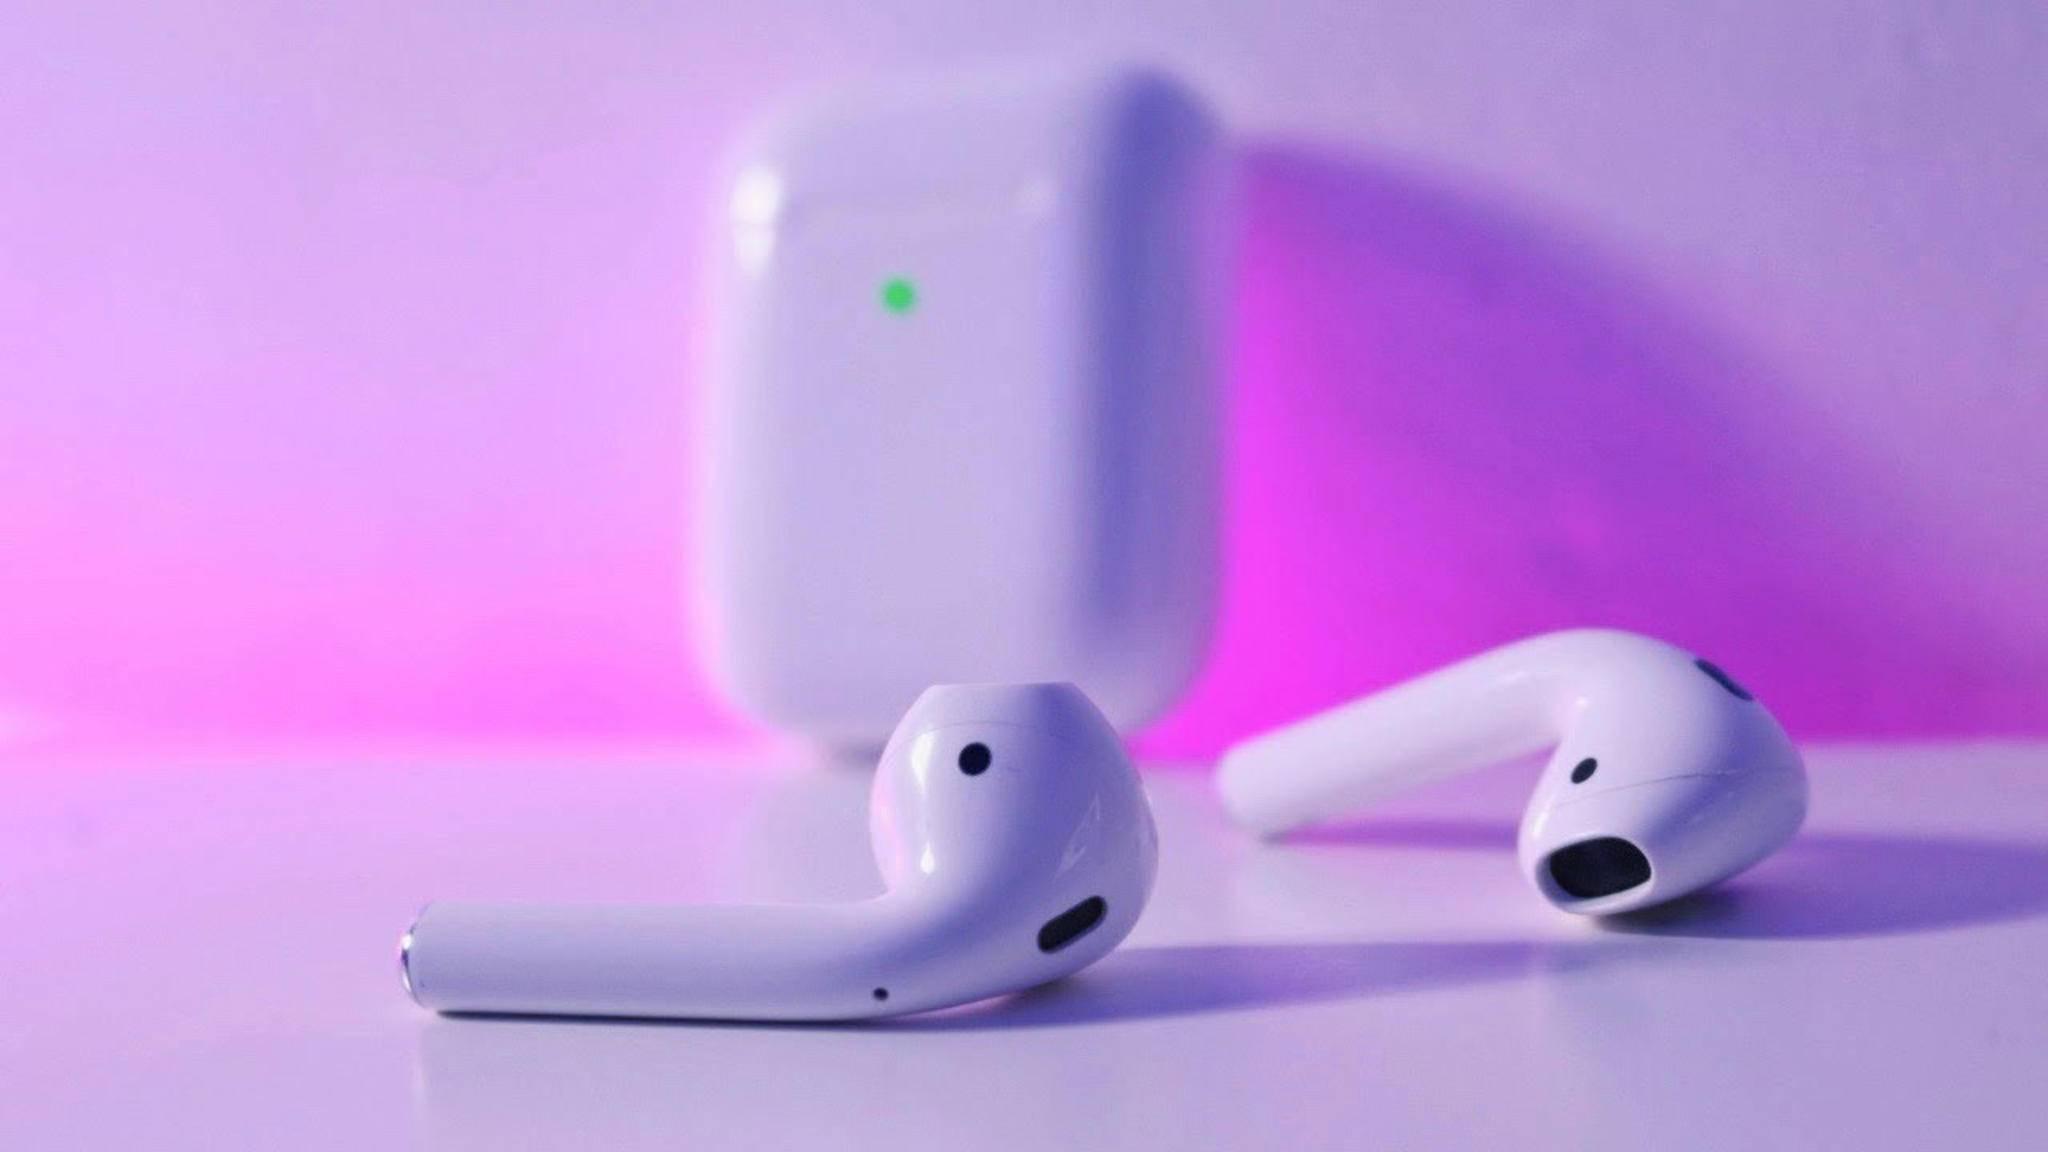 Apple AirPods 2 liegen auf einer Oberfläche, während im Hintergrund das neue Wireless-Charging-Case zu sehen ist.